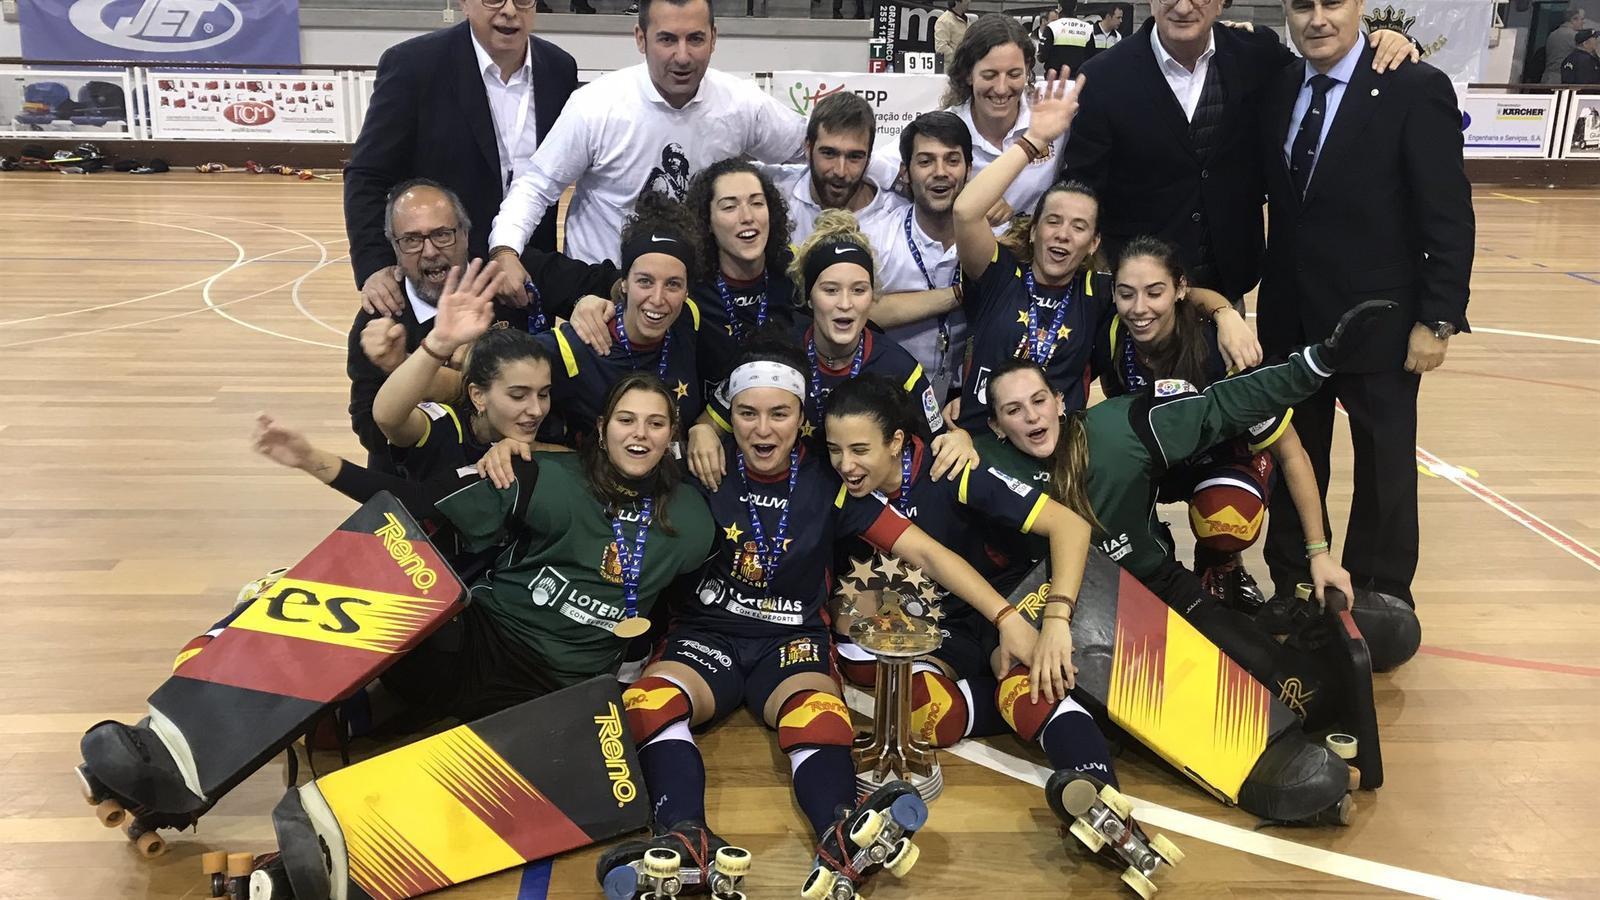 Espanya guanya l'Europeu d'hoquei patins després de fer un viatge per jugar 105 segons